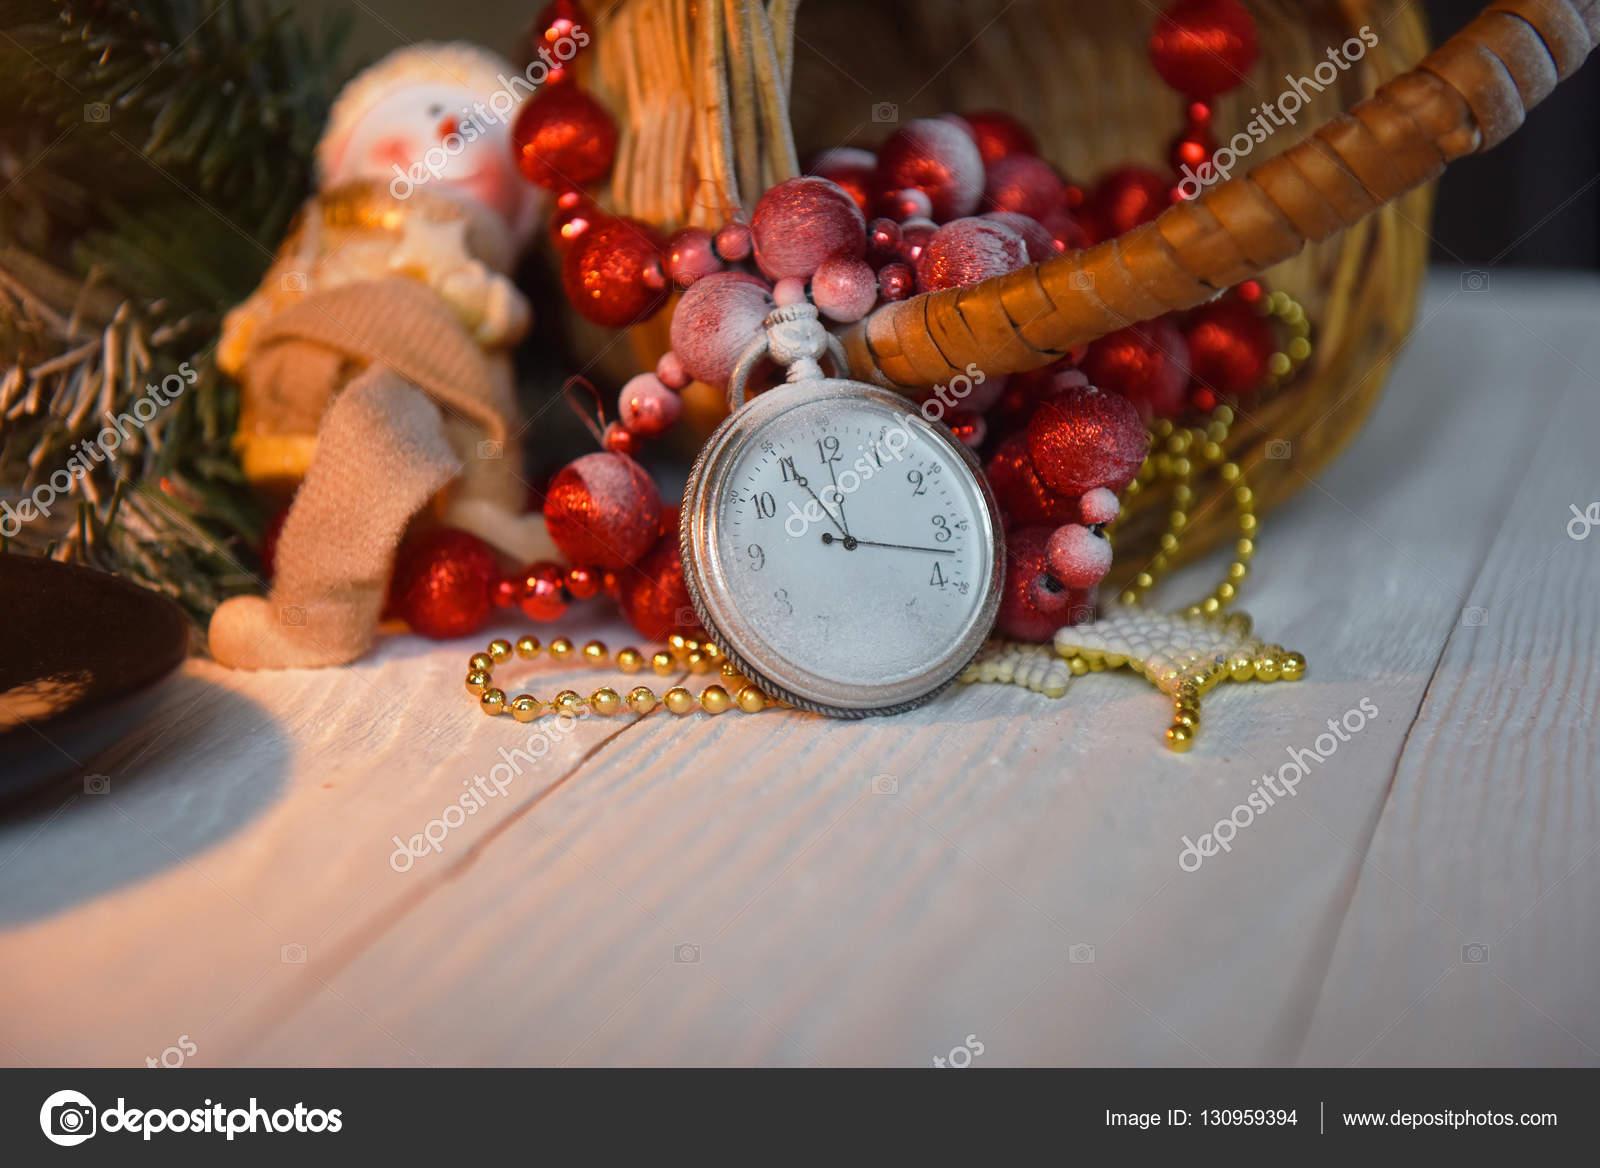 Antike Taschenuhr Stillleben in Weihnachtsschmuck mit einer Kerze ...